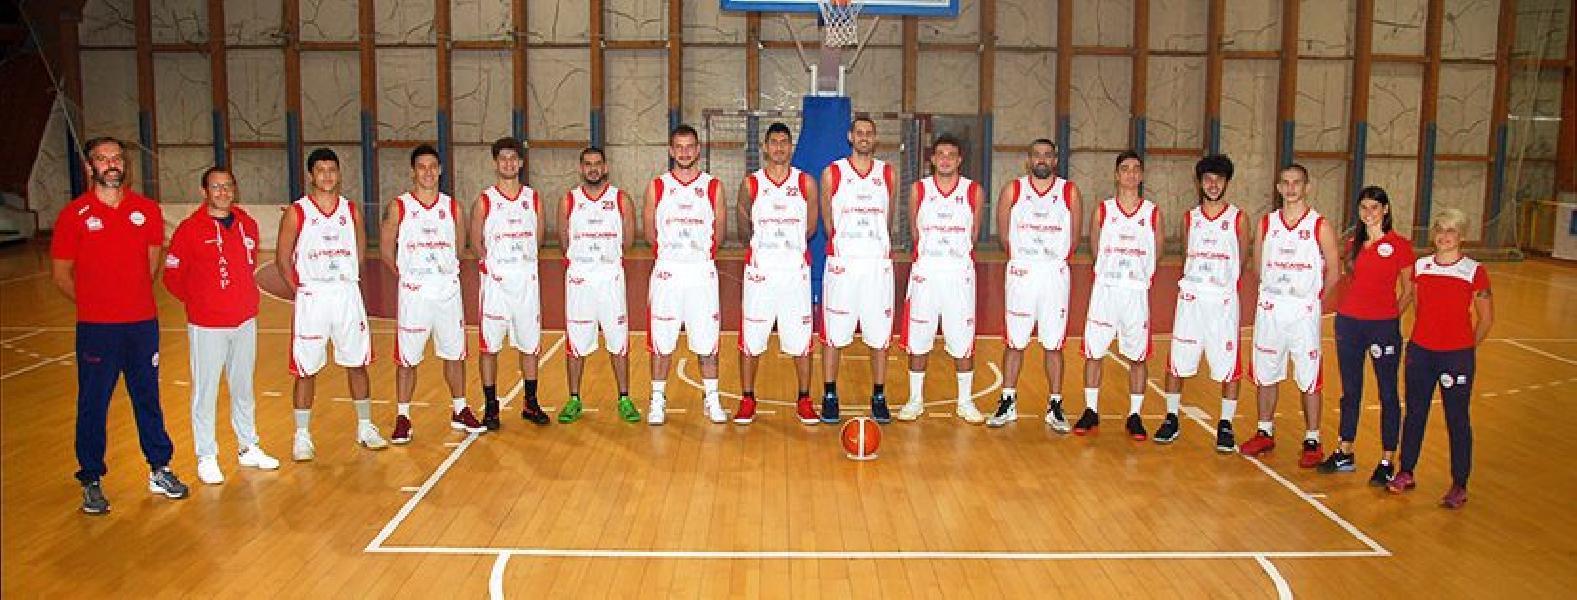 https://www.basketmarche.it/immagini_articoli/02-03-2019/teramo-spicchi-coach-stirpe-teramo-inizia-fase-bella-stagione-600.jpg